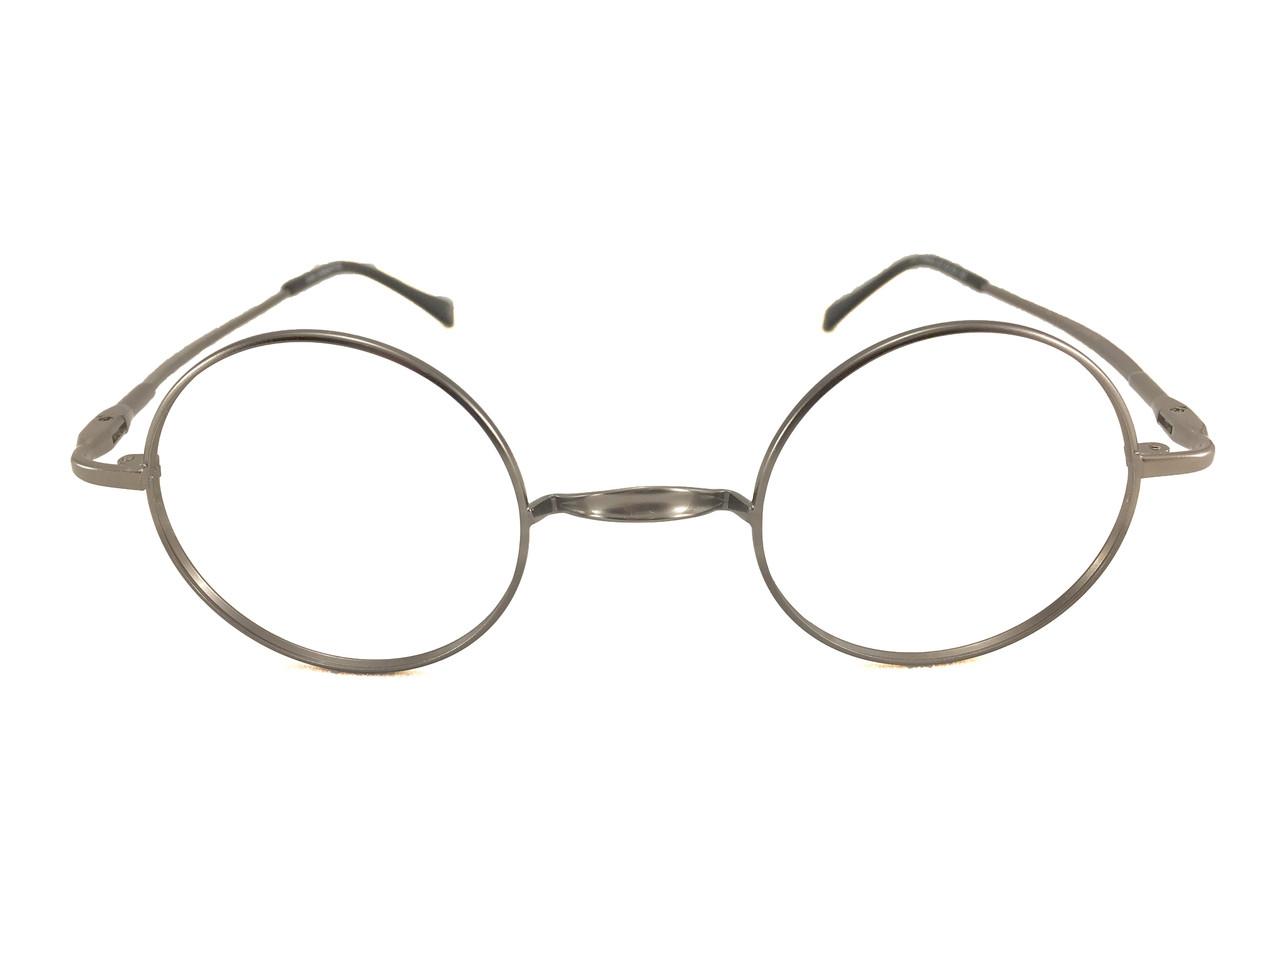 John Lennon Wheels Eyeglass Frames - Gunmetal